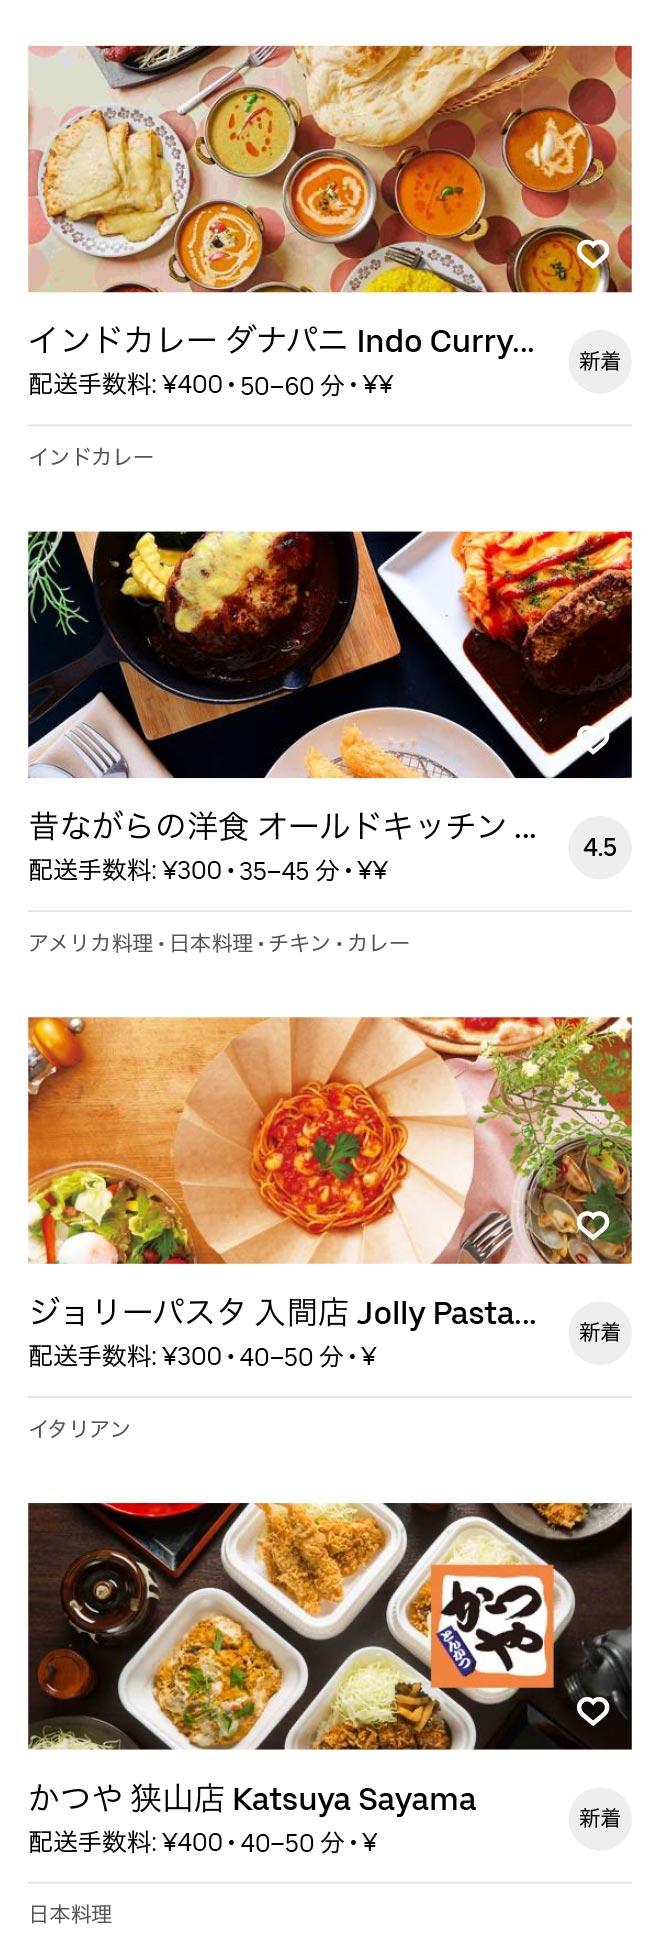 Iriso menu 2010 08